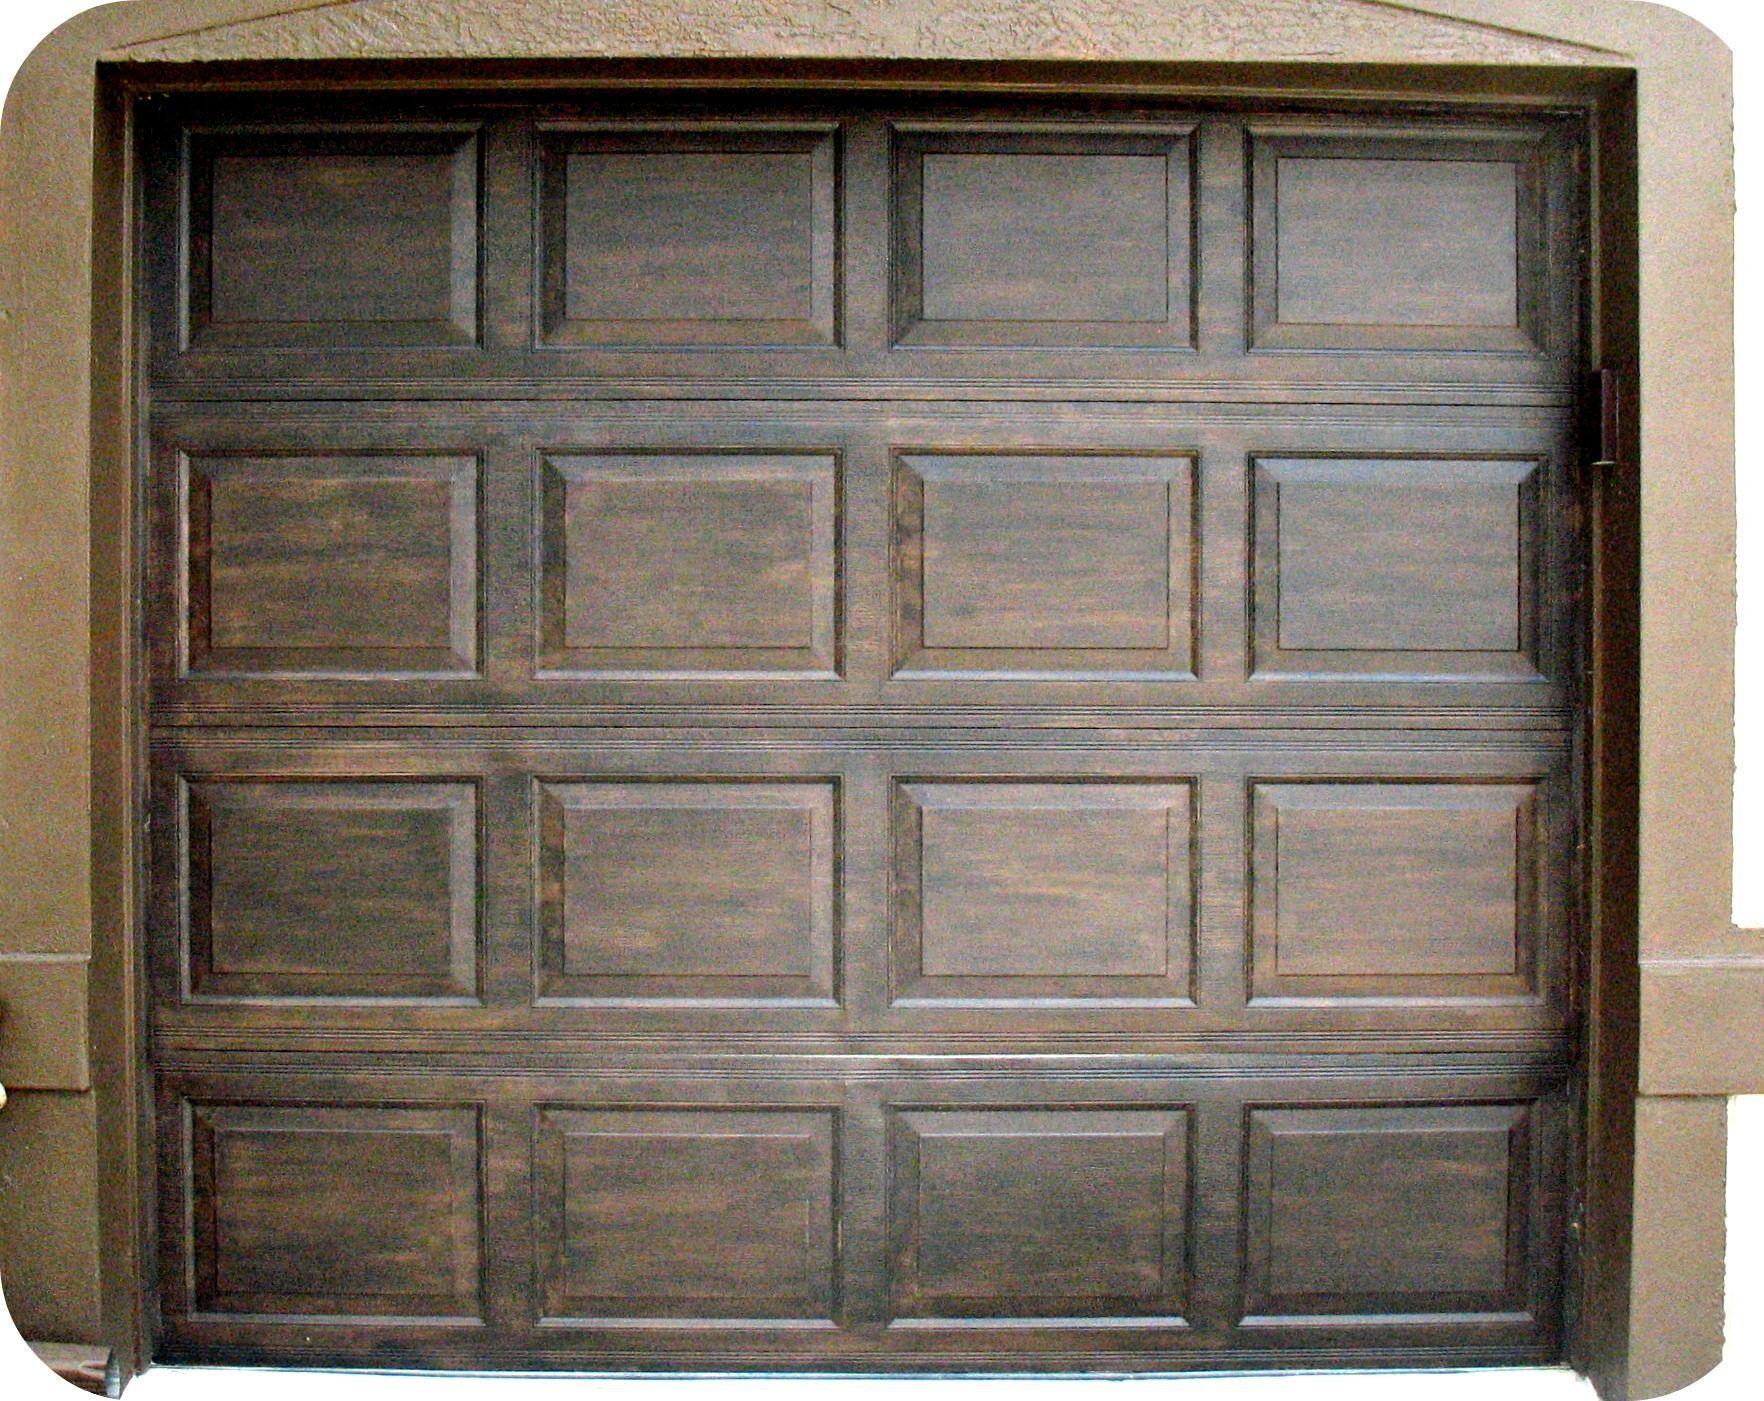 Brown Garage Door Background For Computer Wallpaper ...